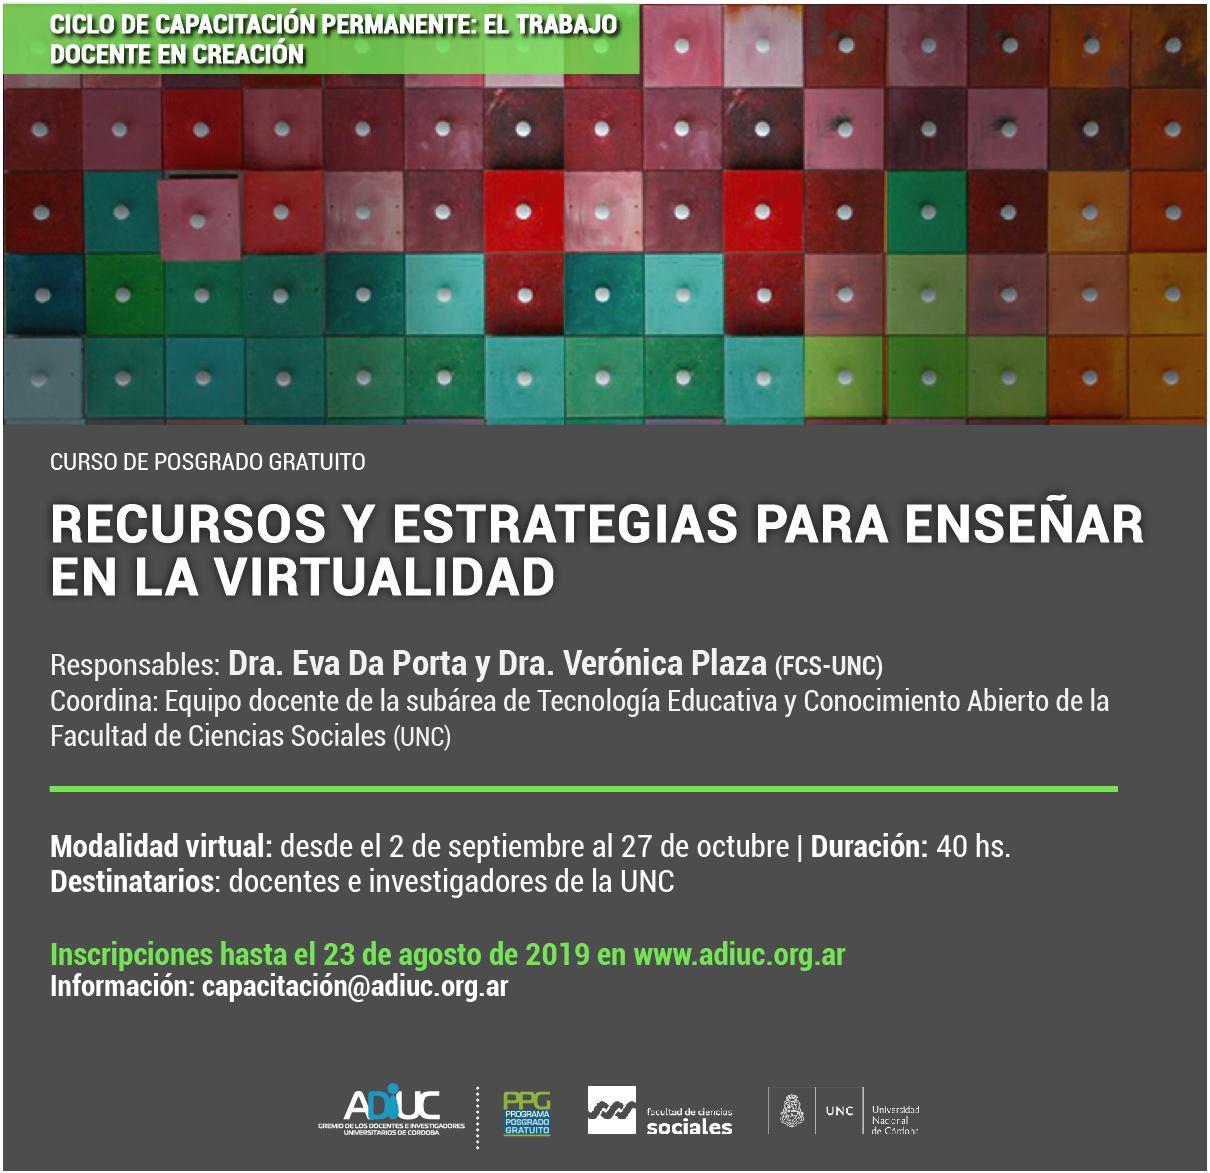 Curso De Posgrado Gratuito | Recursos Y Estrategias Para Enseñar En La Virtualidad